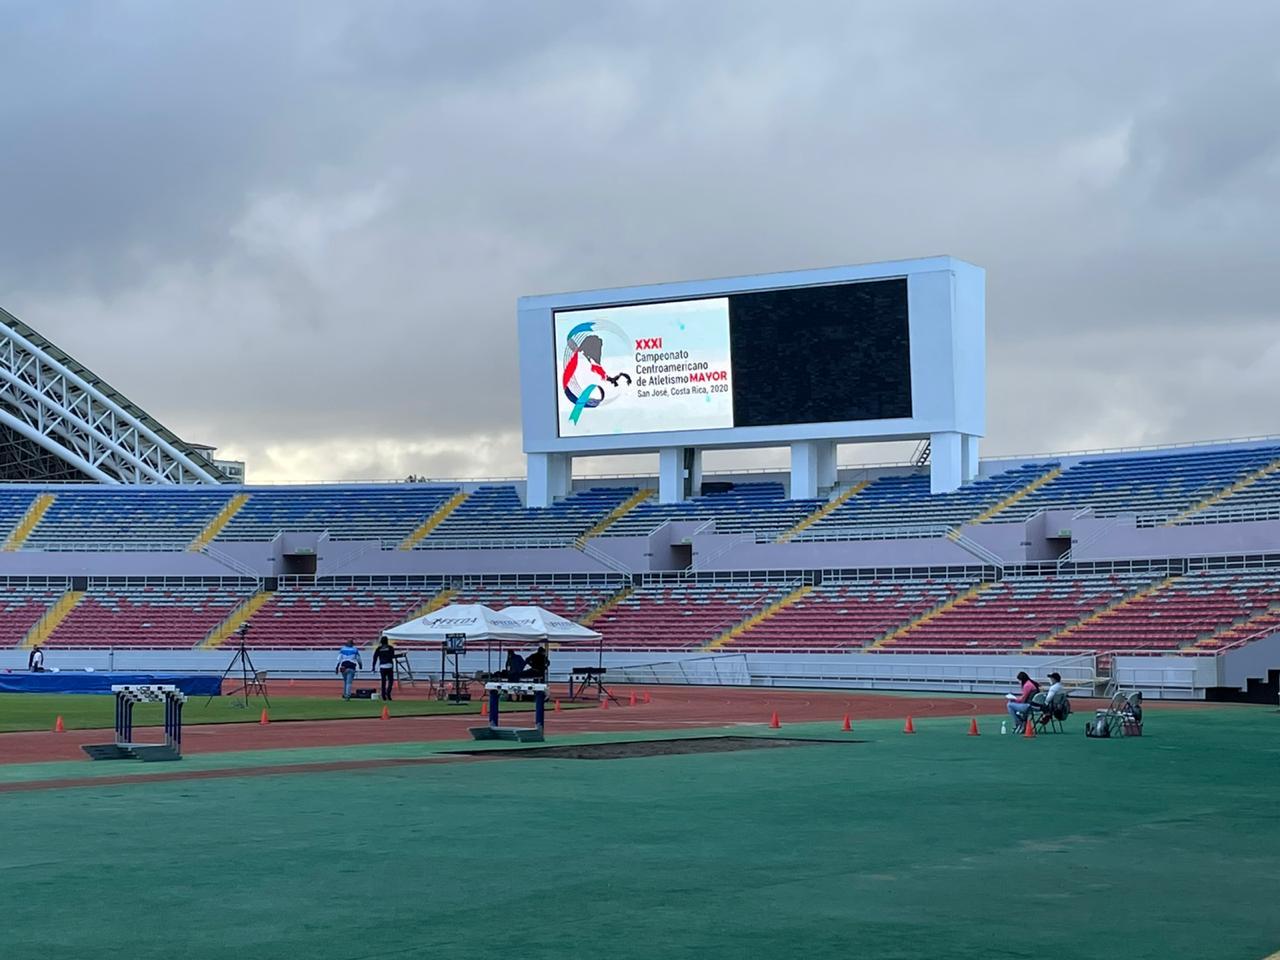 Costa Rica logró seis medallas de oro en el primer día del Campeonato Centroamericano de Atletismo.